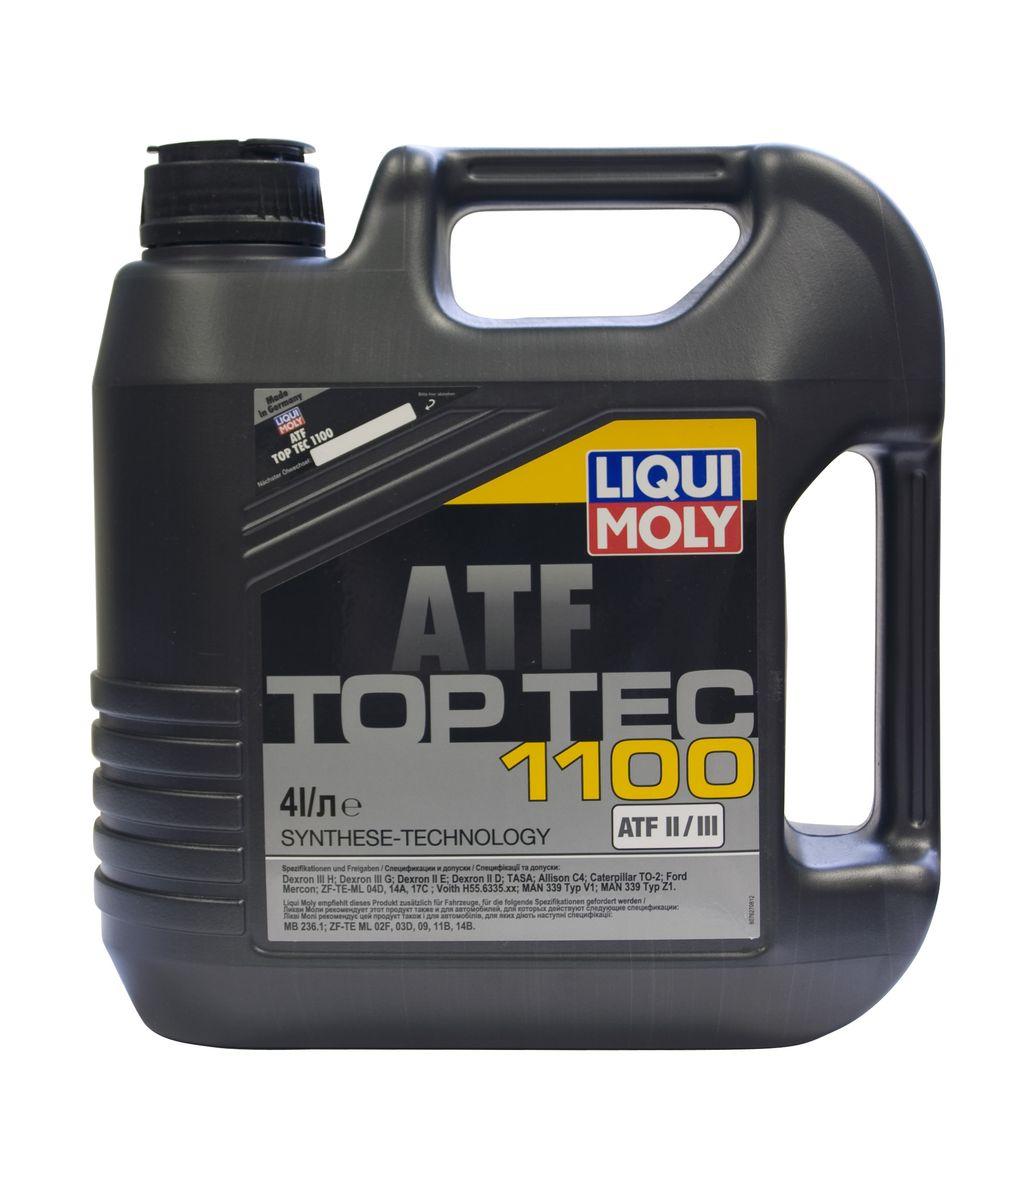 Масло трансмиссионное Liqui Moly Top Tec ATF 1100, НС-синтетическое, 4 л7627Масло трансмиссионное Liqui Moly Top Tec ATF 1100 отвечает требованиям производителей как трансмиссий и гидроусилителей рулевого управления, так и дополнительных навесных агрегатов. HC-синтетическая универсальная жидкость для автоматических и механических трансмиссий легковых и грузовых автомобилей. Обеспечивает безупречную работу агрегатов при любых нагрузках и колебаниях температуры. Top Tec ATF 1100 создана на базе масел HC-синтеза и современного пакета присадок, что гарантирует безупречную работу жидкости при любых нагрузках и колебаниях температуры. Особенности: - Гарантирует высокую температурную стабильность - Обладает максимальной стабильностью к старению - Обеспечивает отличную антикоррозионную защиту Допуск: -Dexron: II D/II E/III G/III H -ATF TASA: (Typ A Suffix A) -ZF: TE-ML 04D/TE-ML 14A/TE-ML 17C -Caterpillar: TO-2 -Ford: Mercon -MAN: 339 Typ V1/339 Typ Z1 -MB: 236.1 -Voith:...